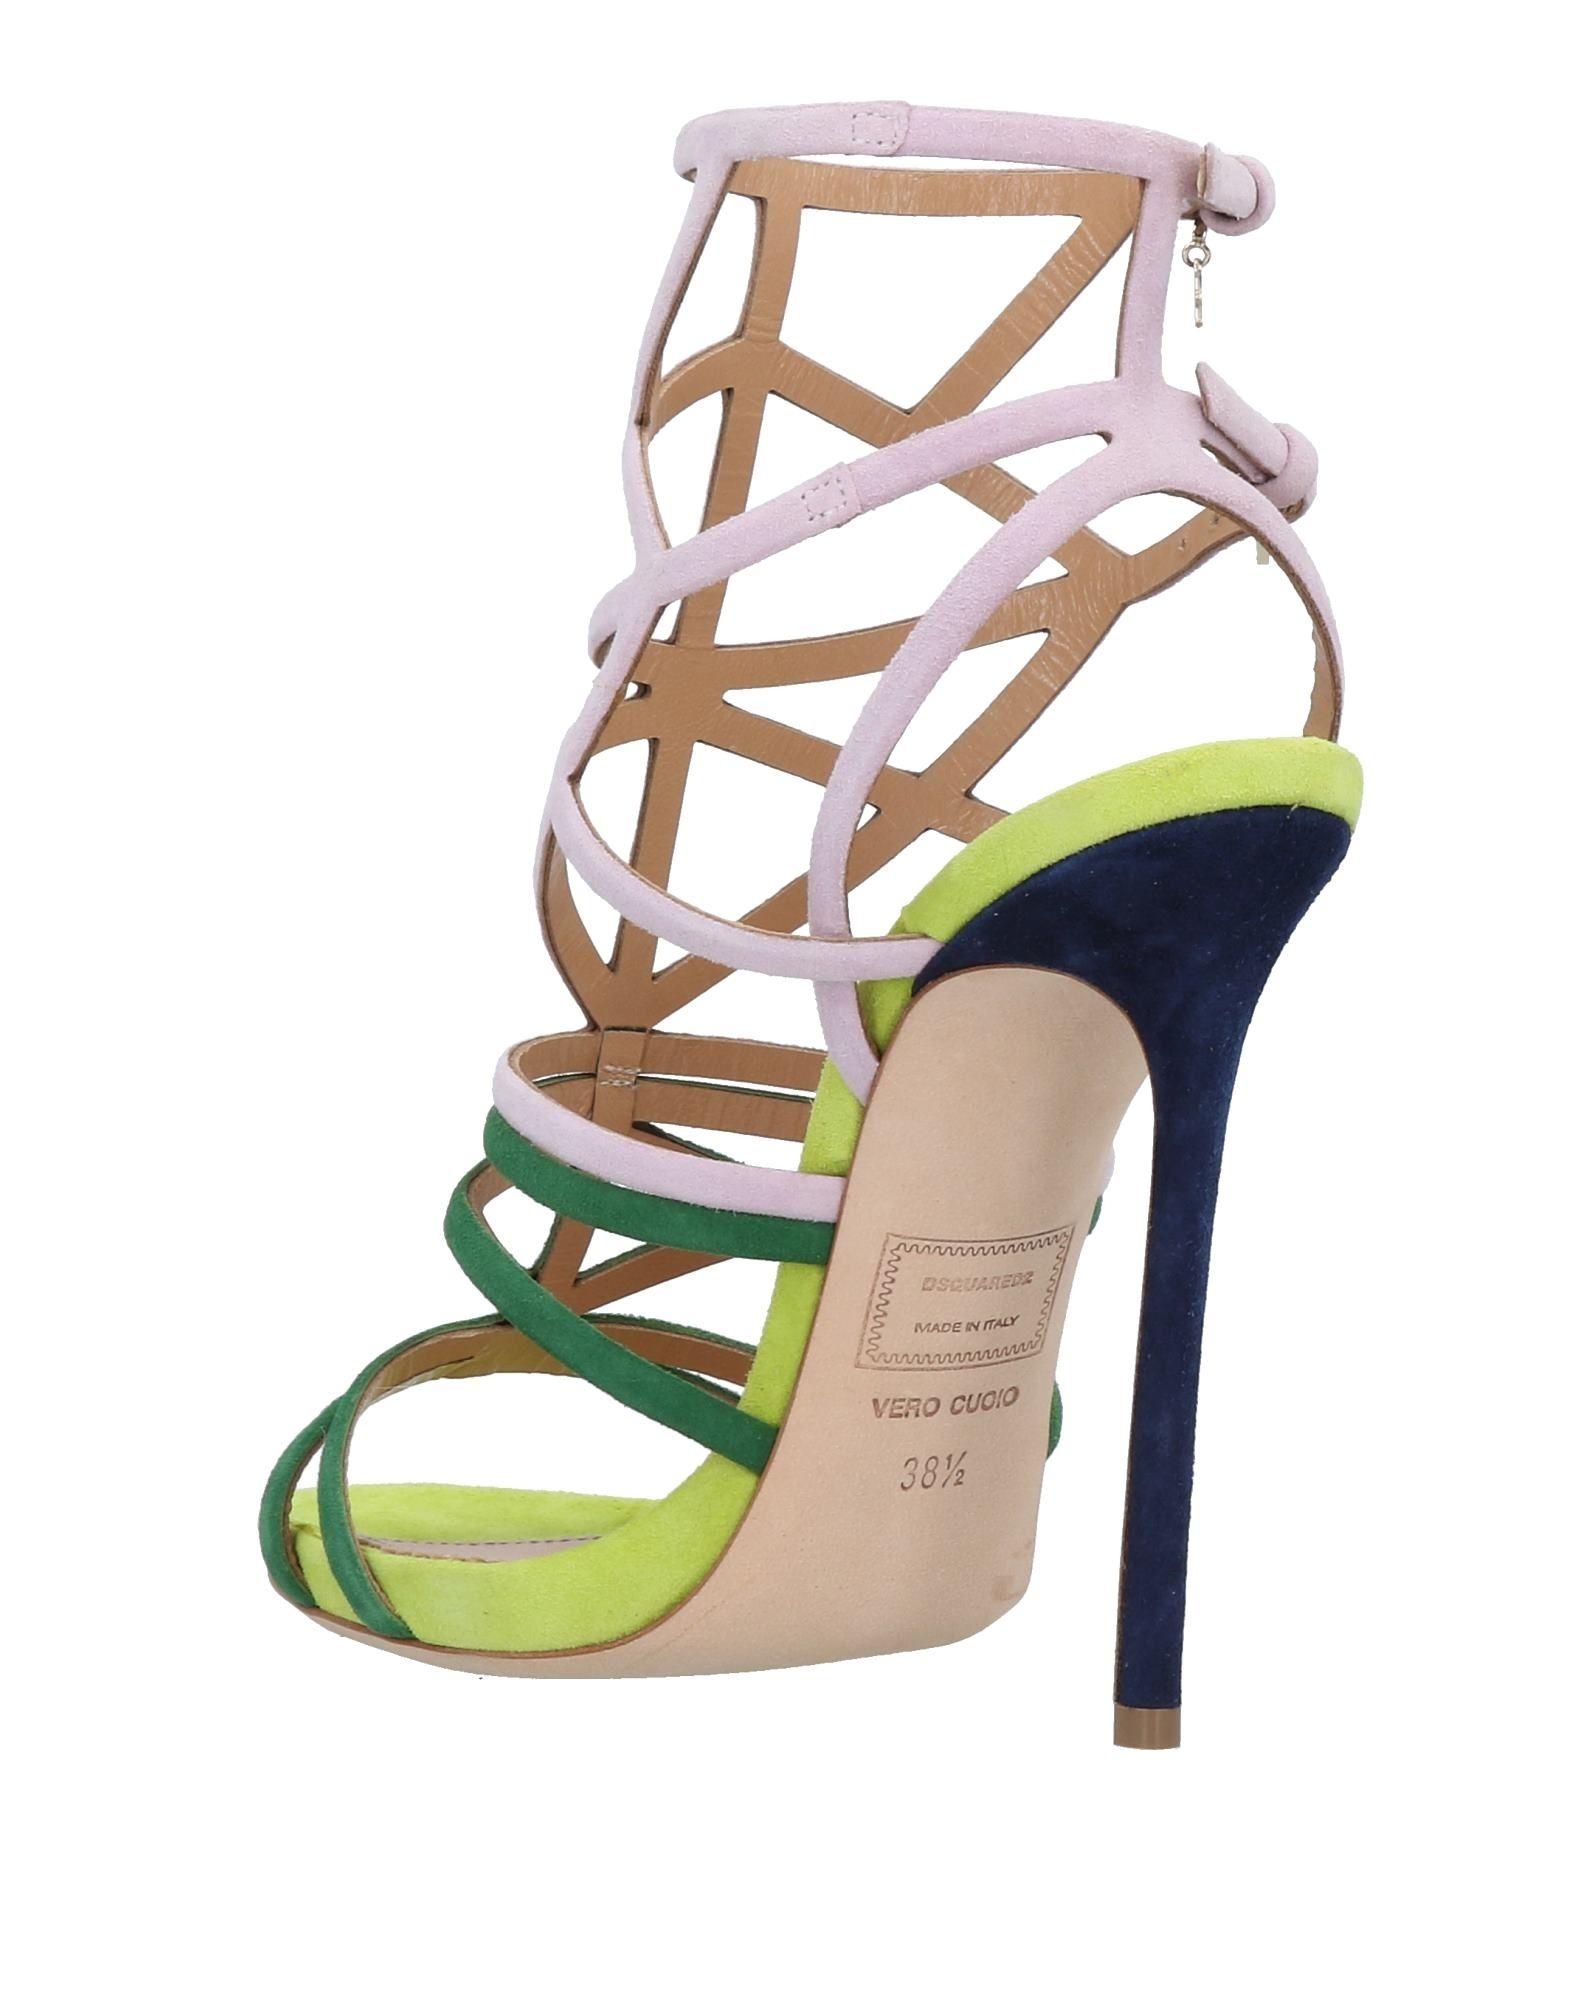 Dsquared2 Sandalen Damen  11487726NXGünstige Schuhe gut aussehende Schuhe 11487726NXGünstige fe9922